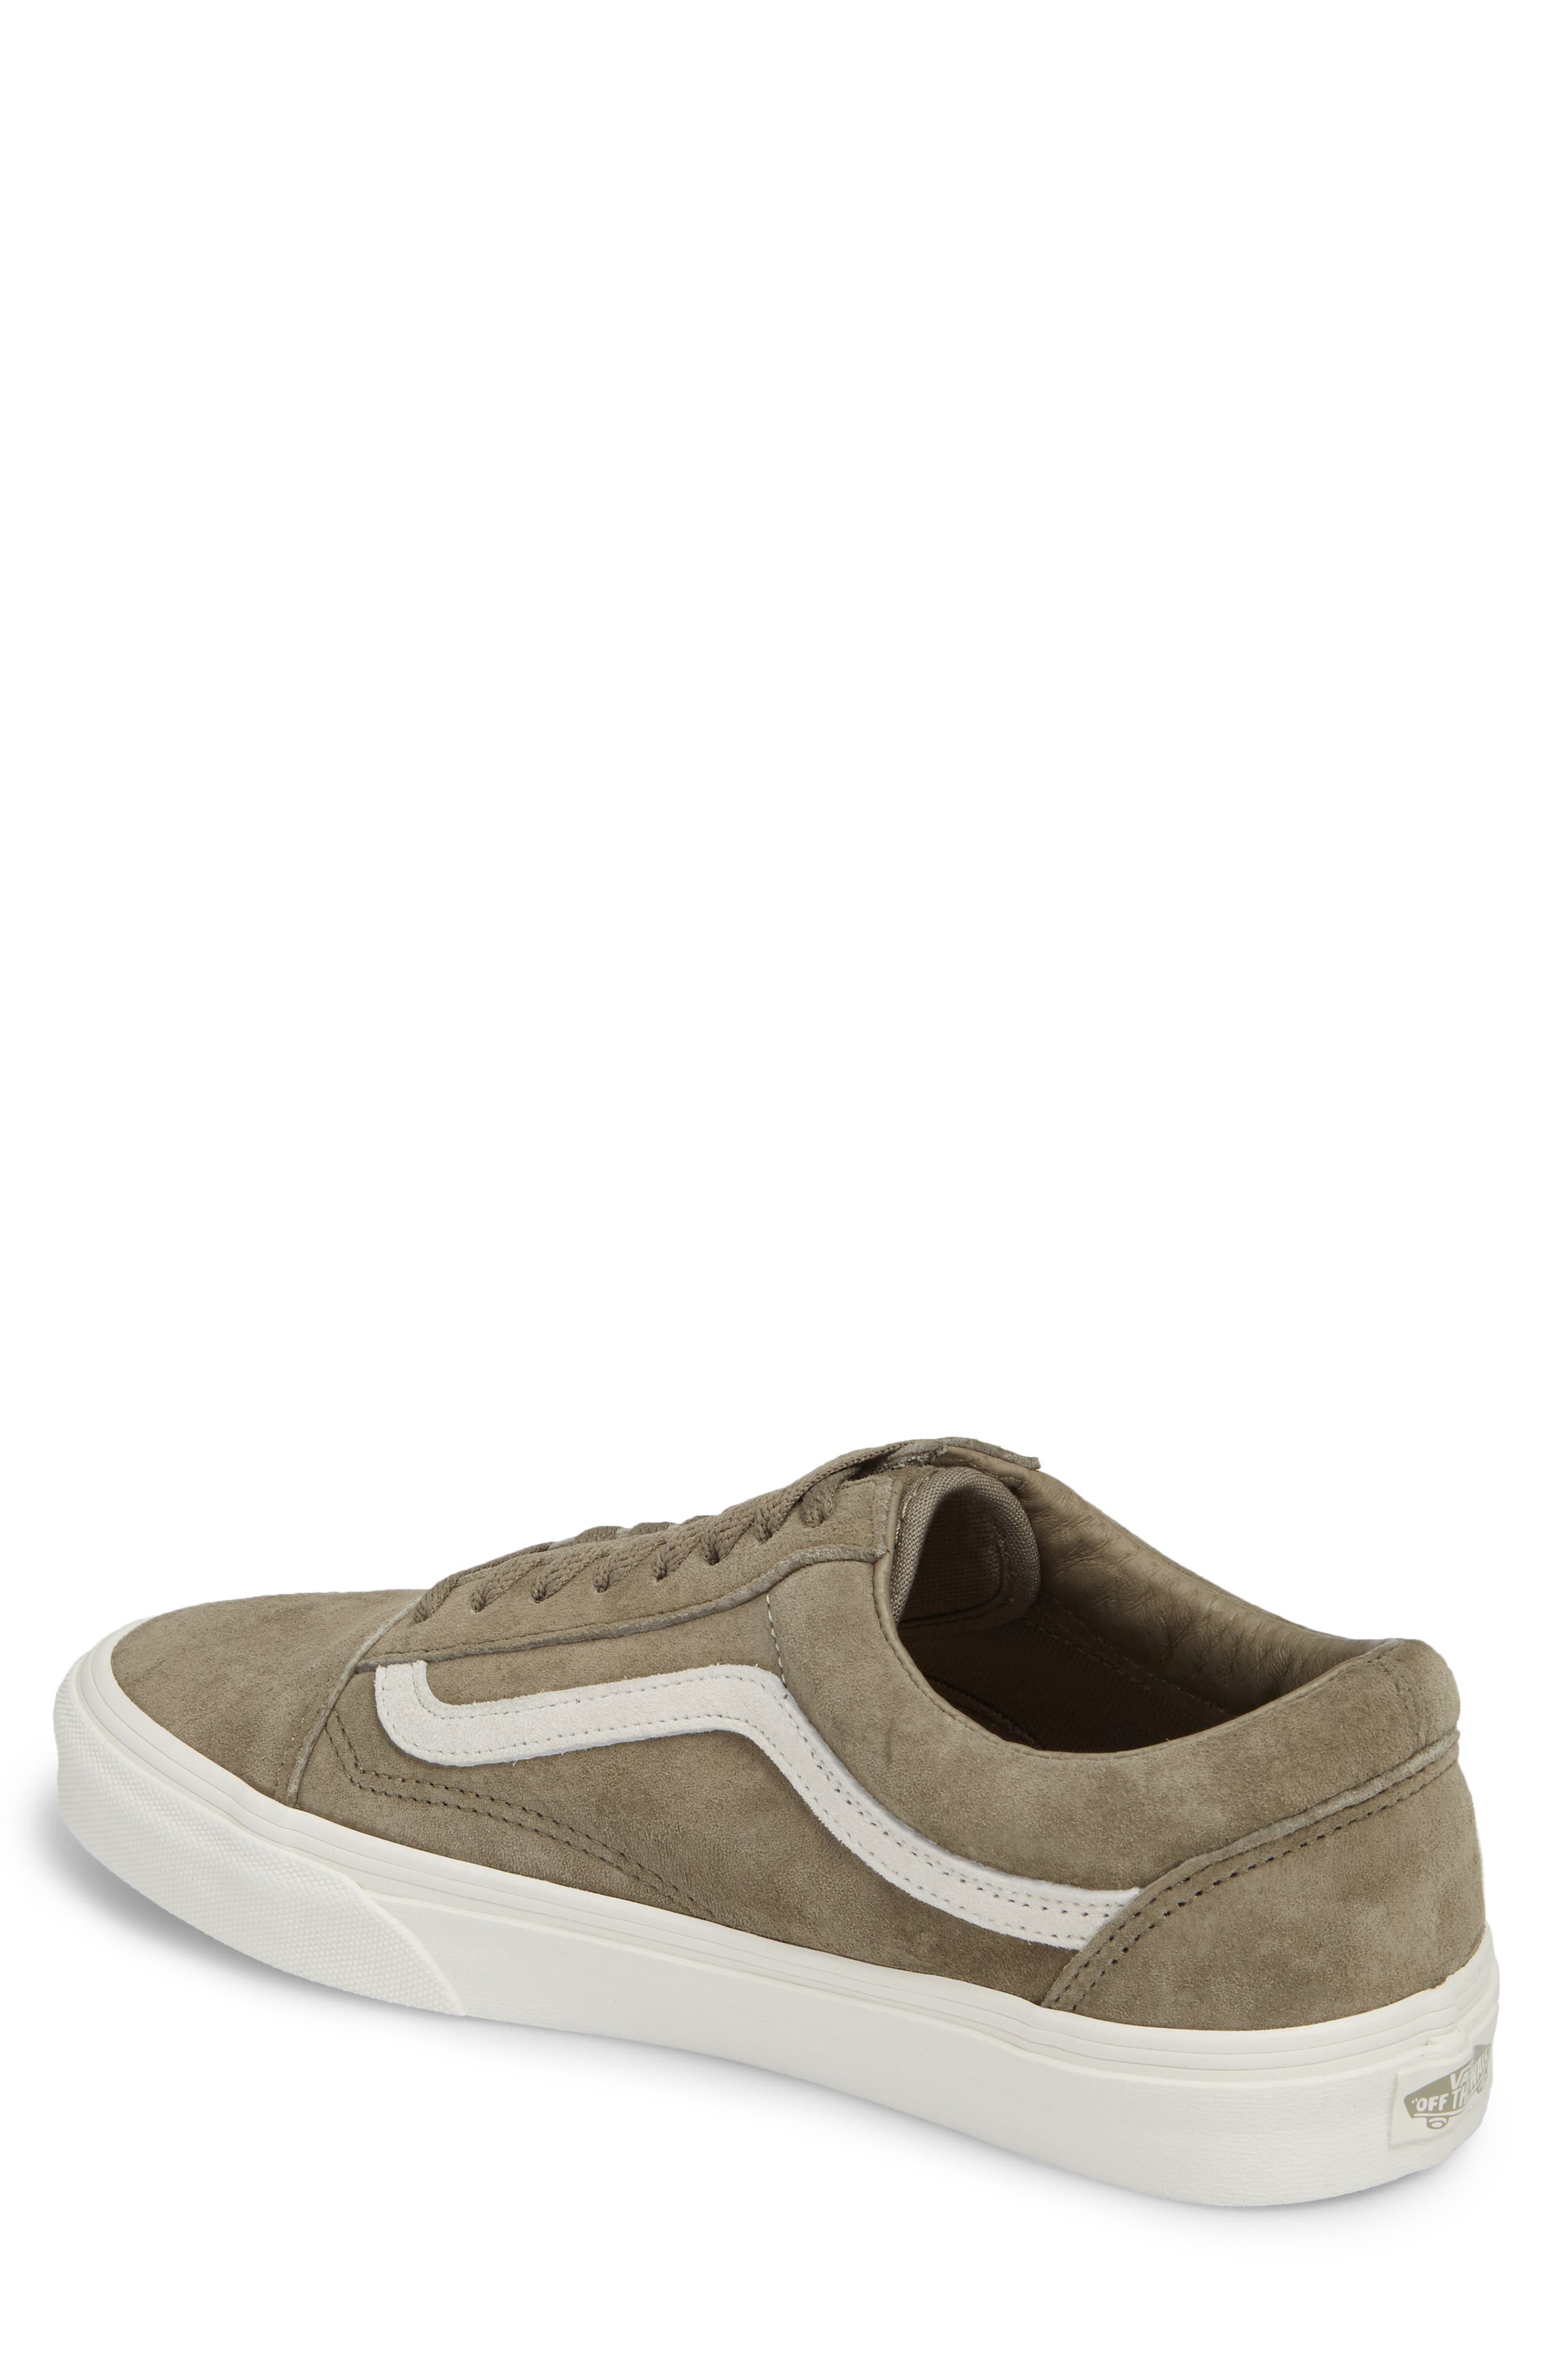 Suede Old Skool Sneaker,                             Alternate thumbnail 2, color,                             020